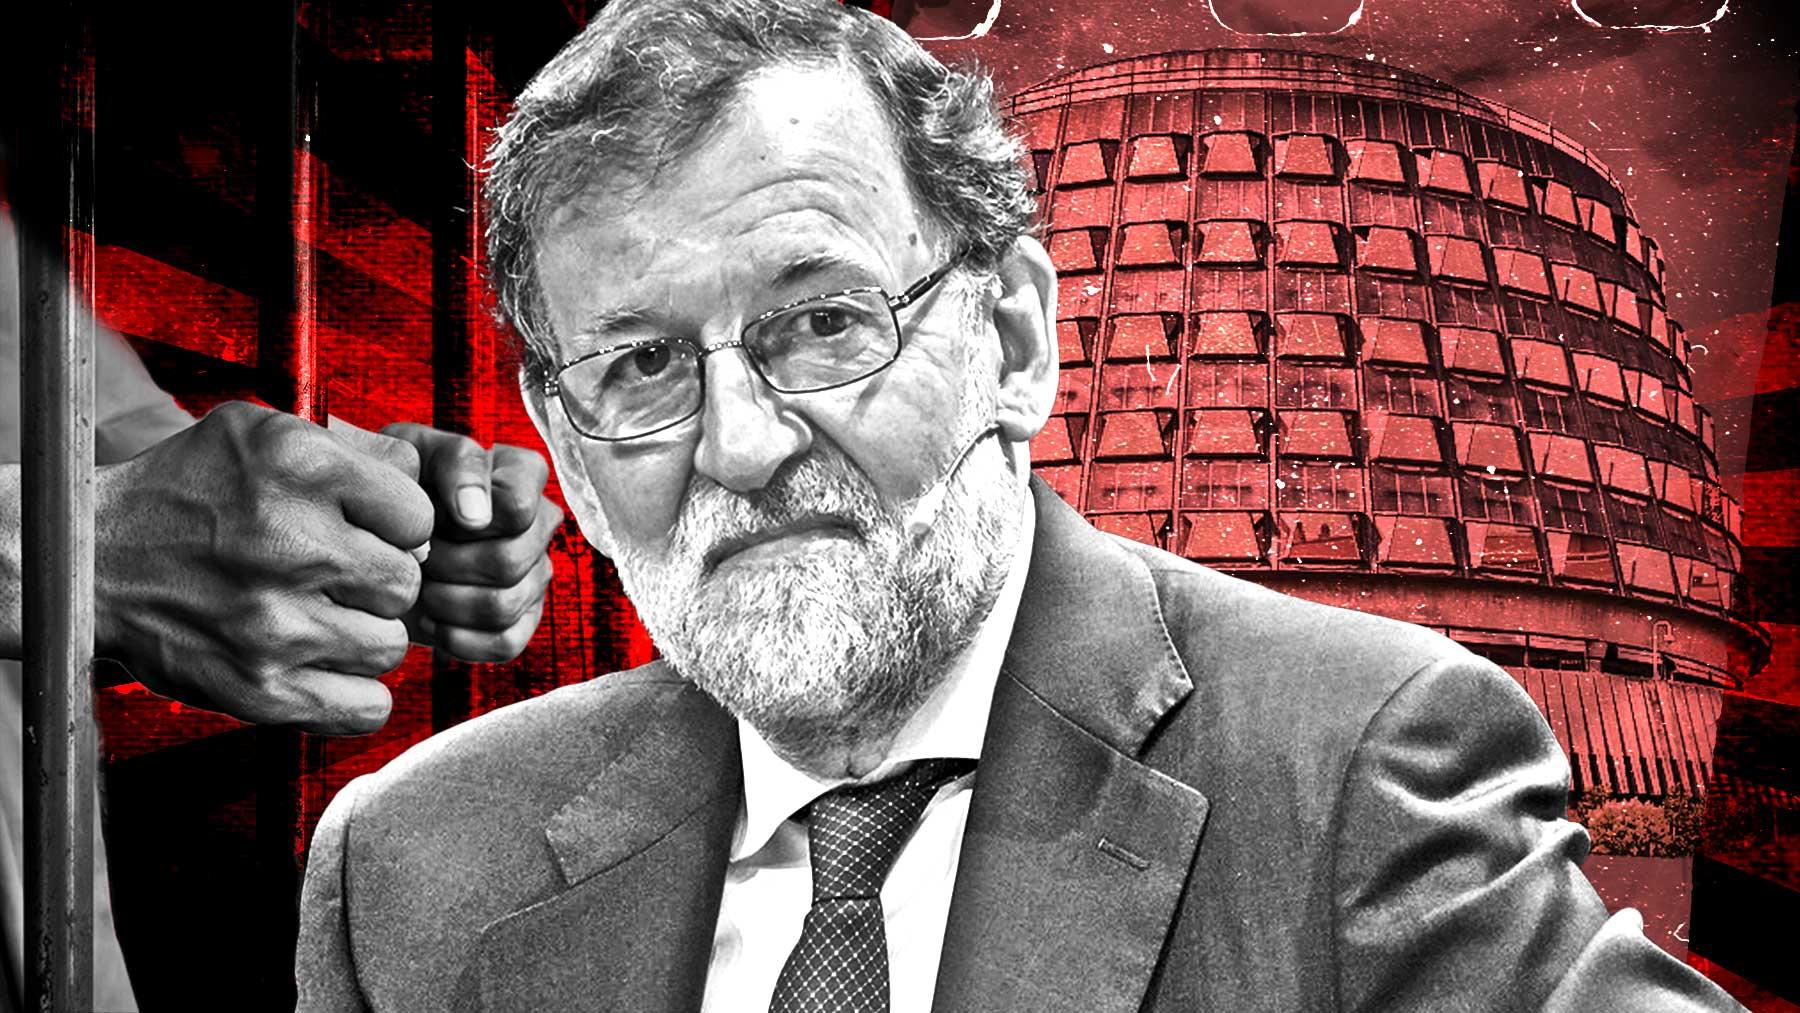 La prisión permanente revisable fue aprobada por el Gobierno de Rajoy